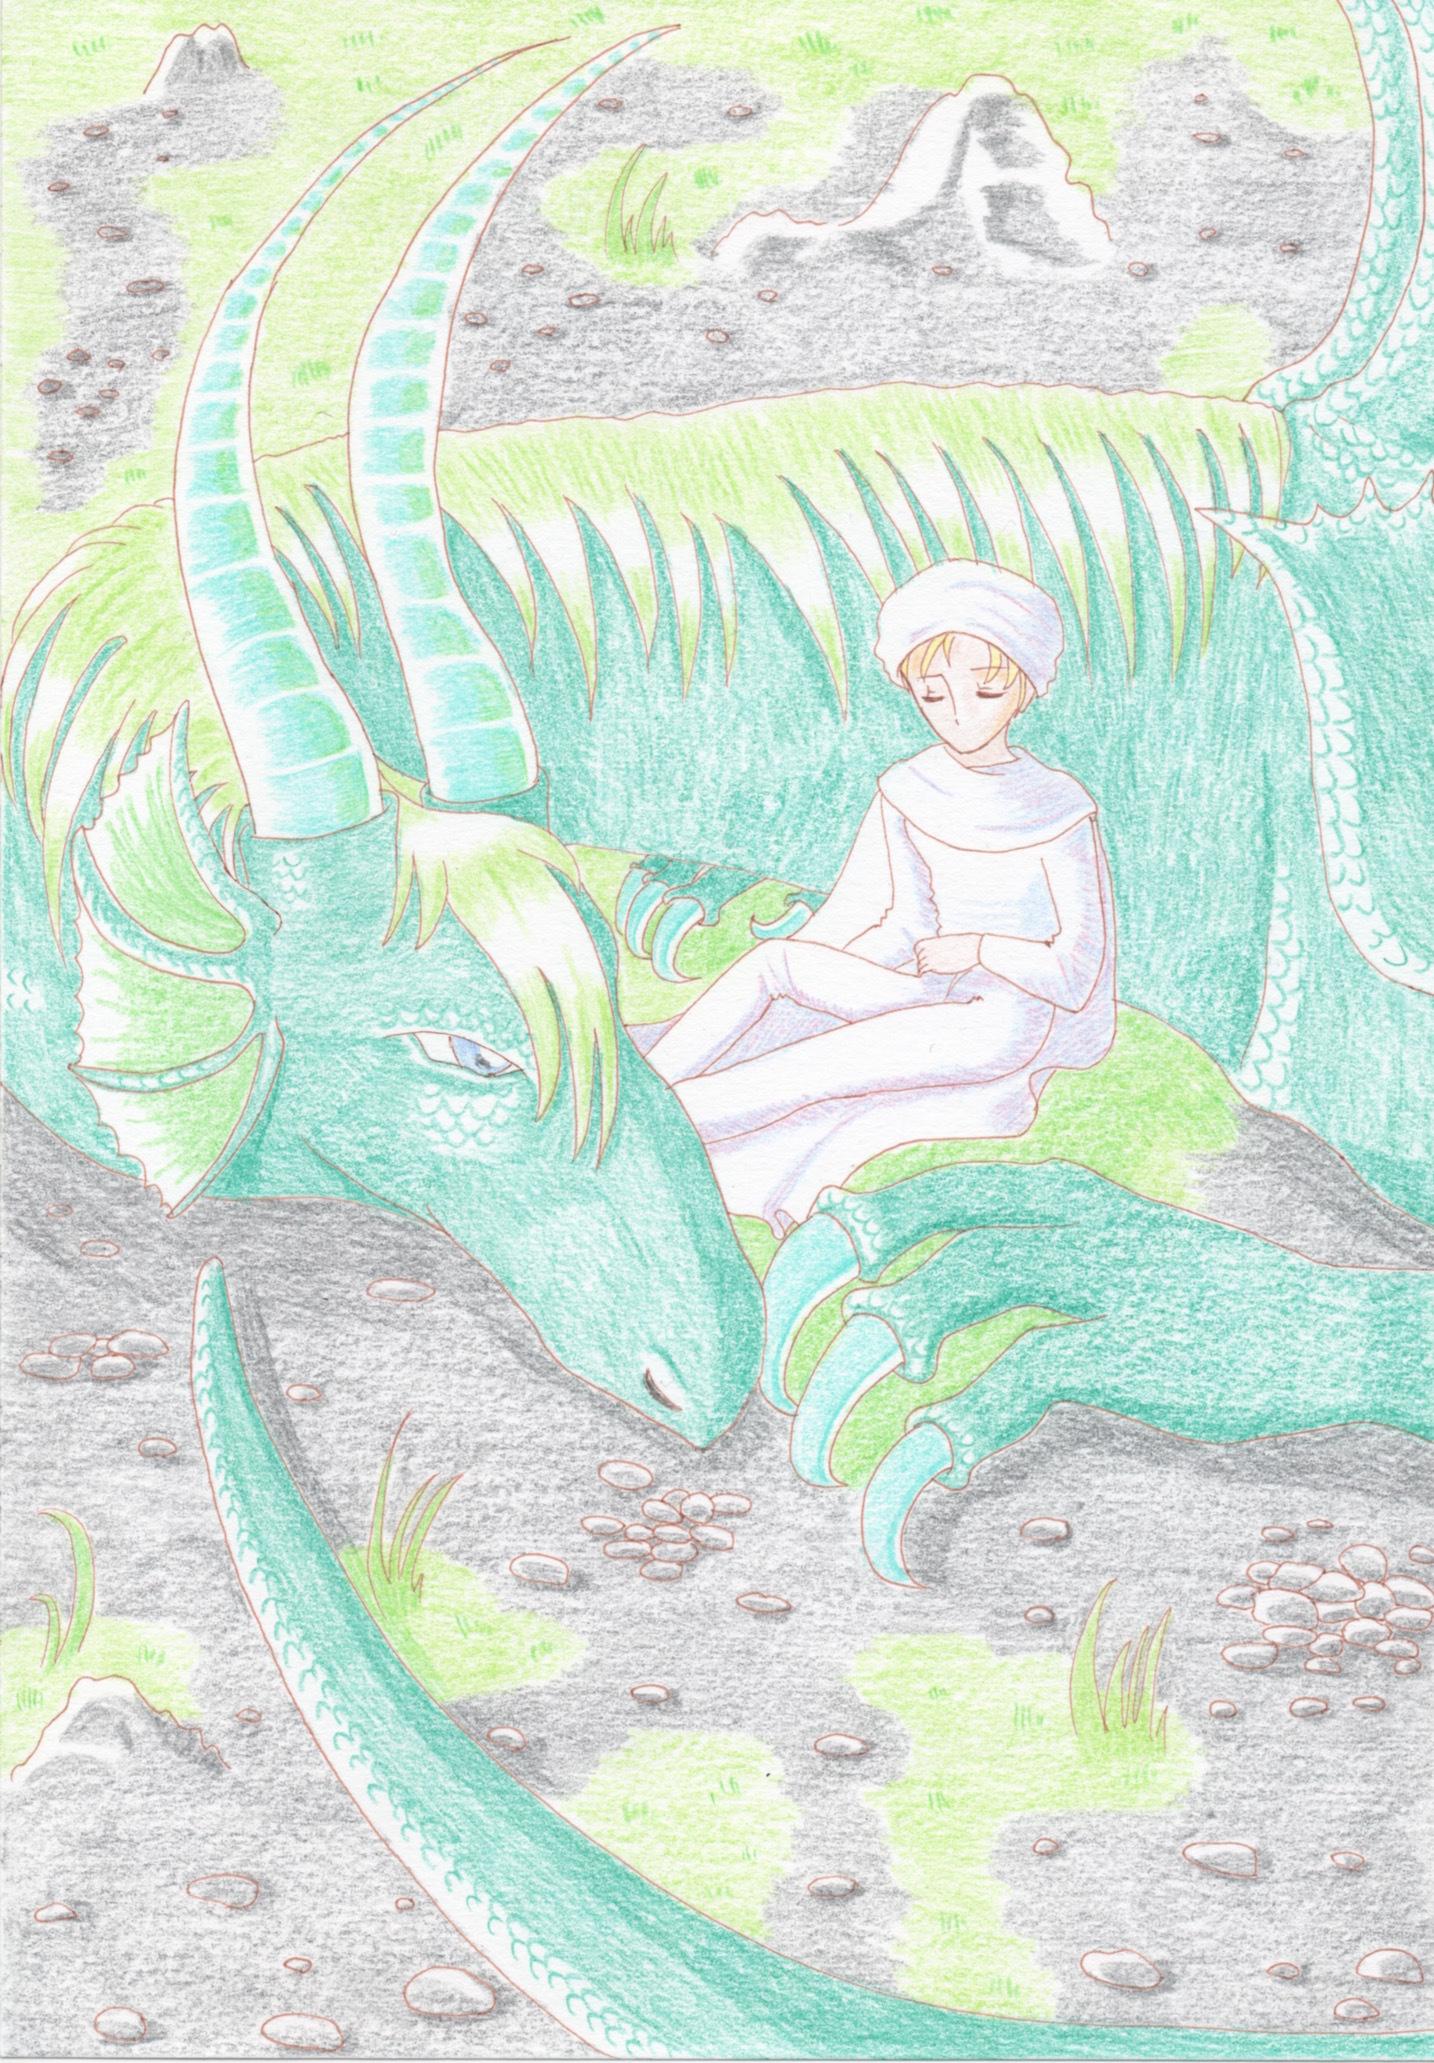 傷ついた旅人に寄り添う竜